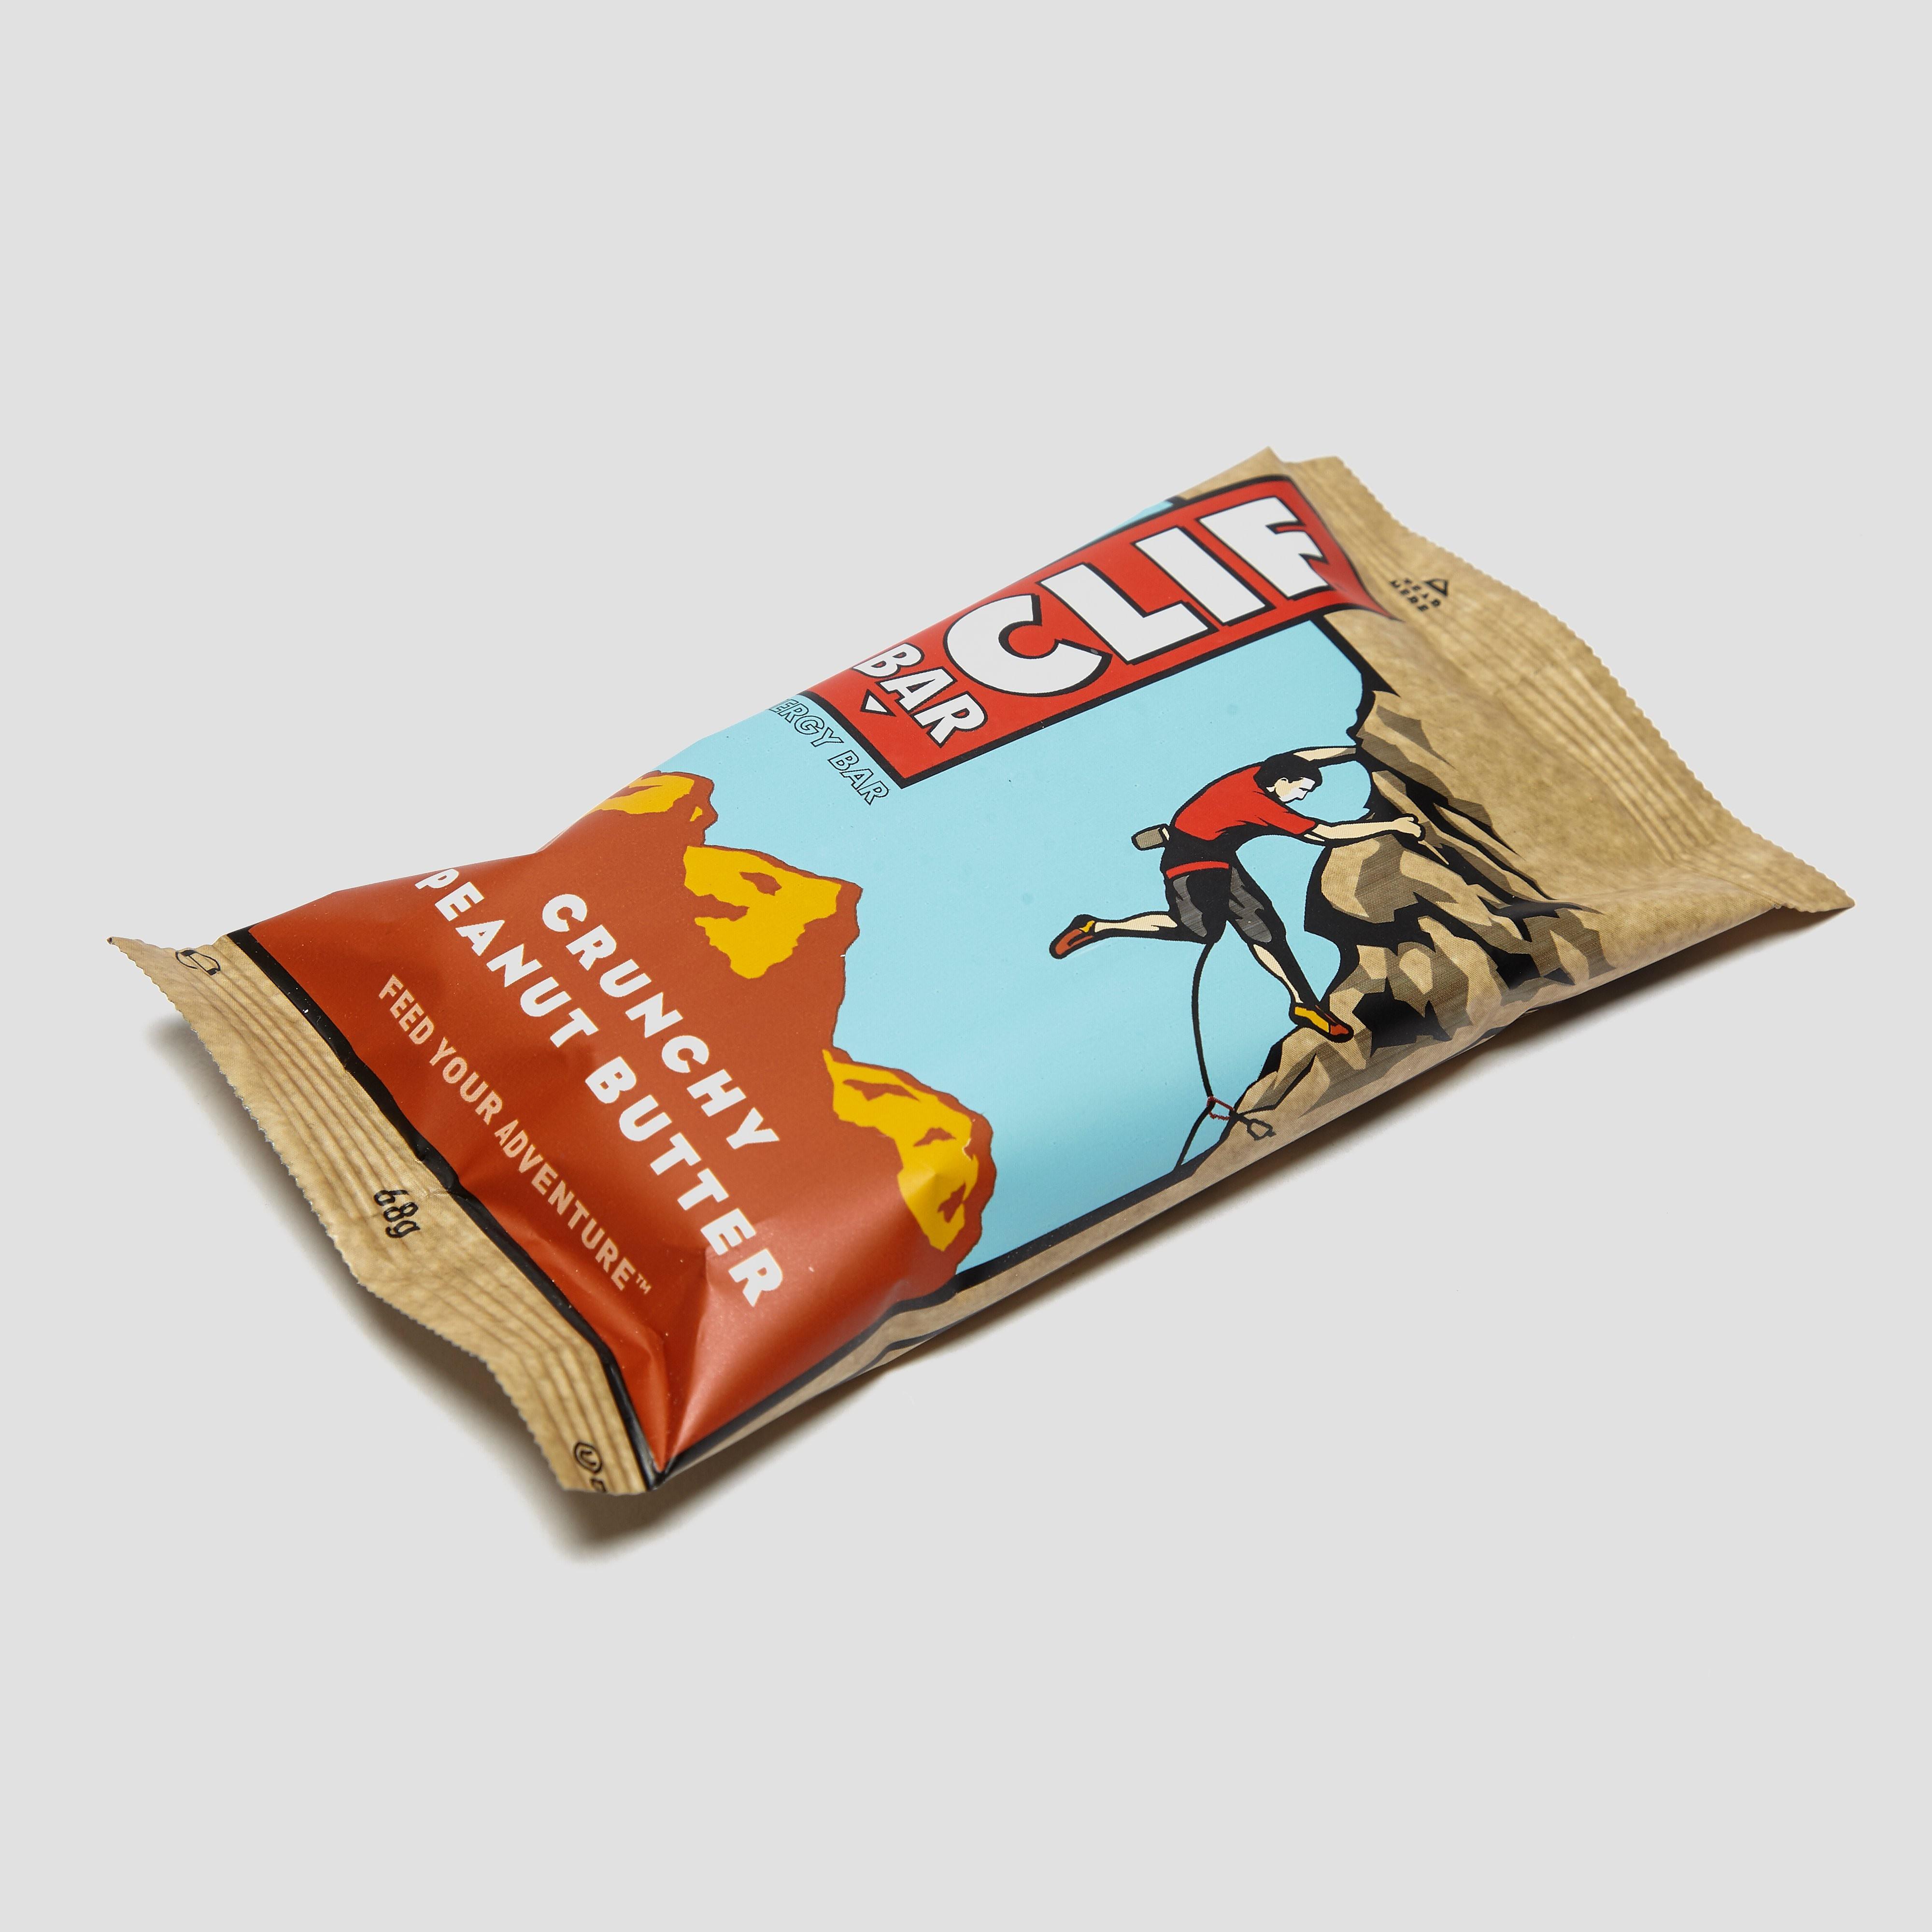 Clif Bar (12 Pack) - Crunchy Peanut Butter